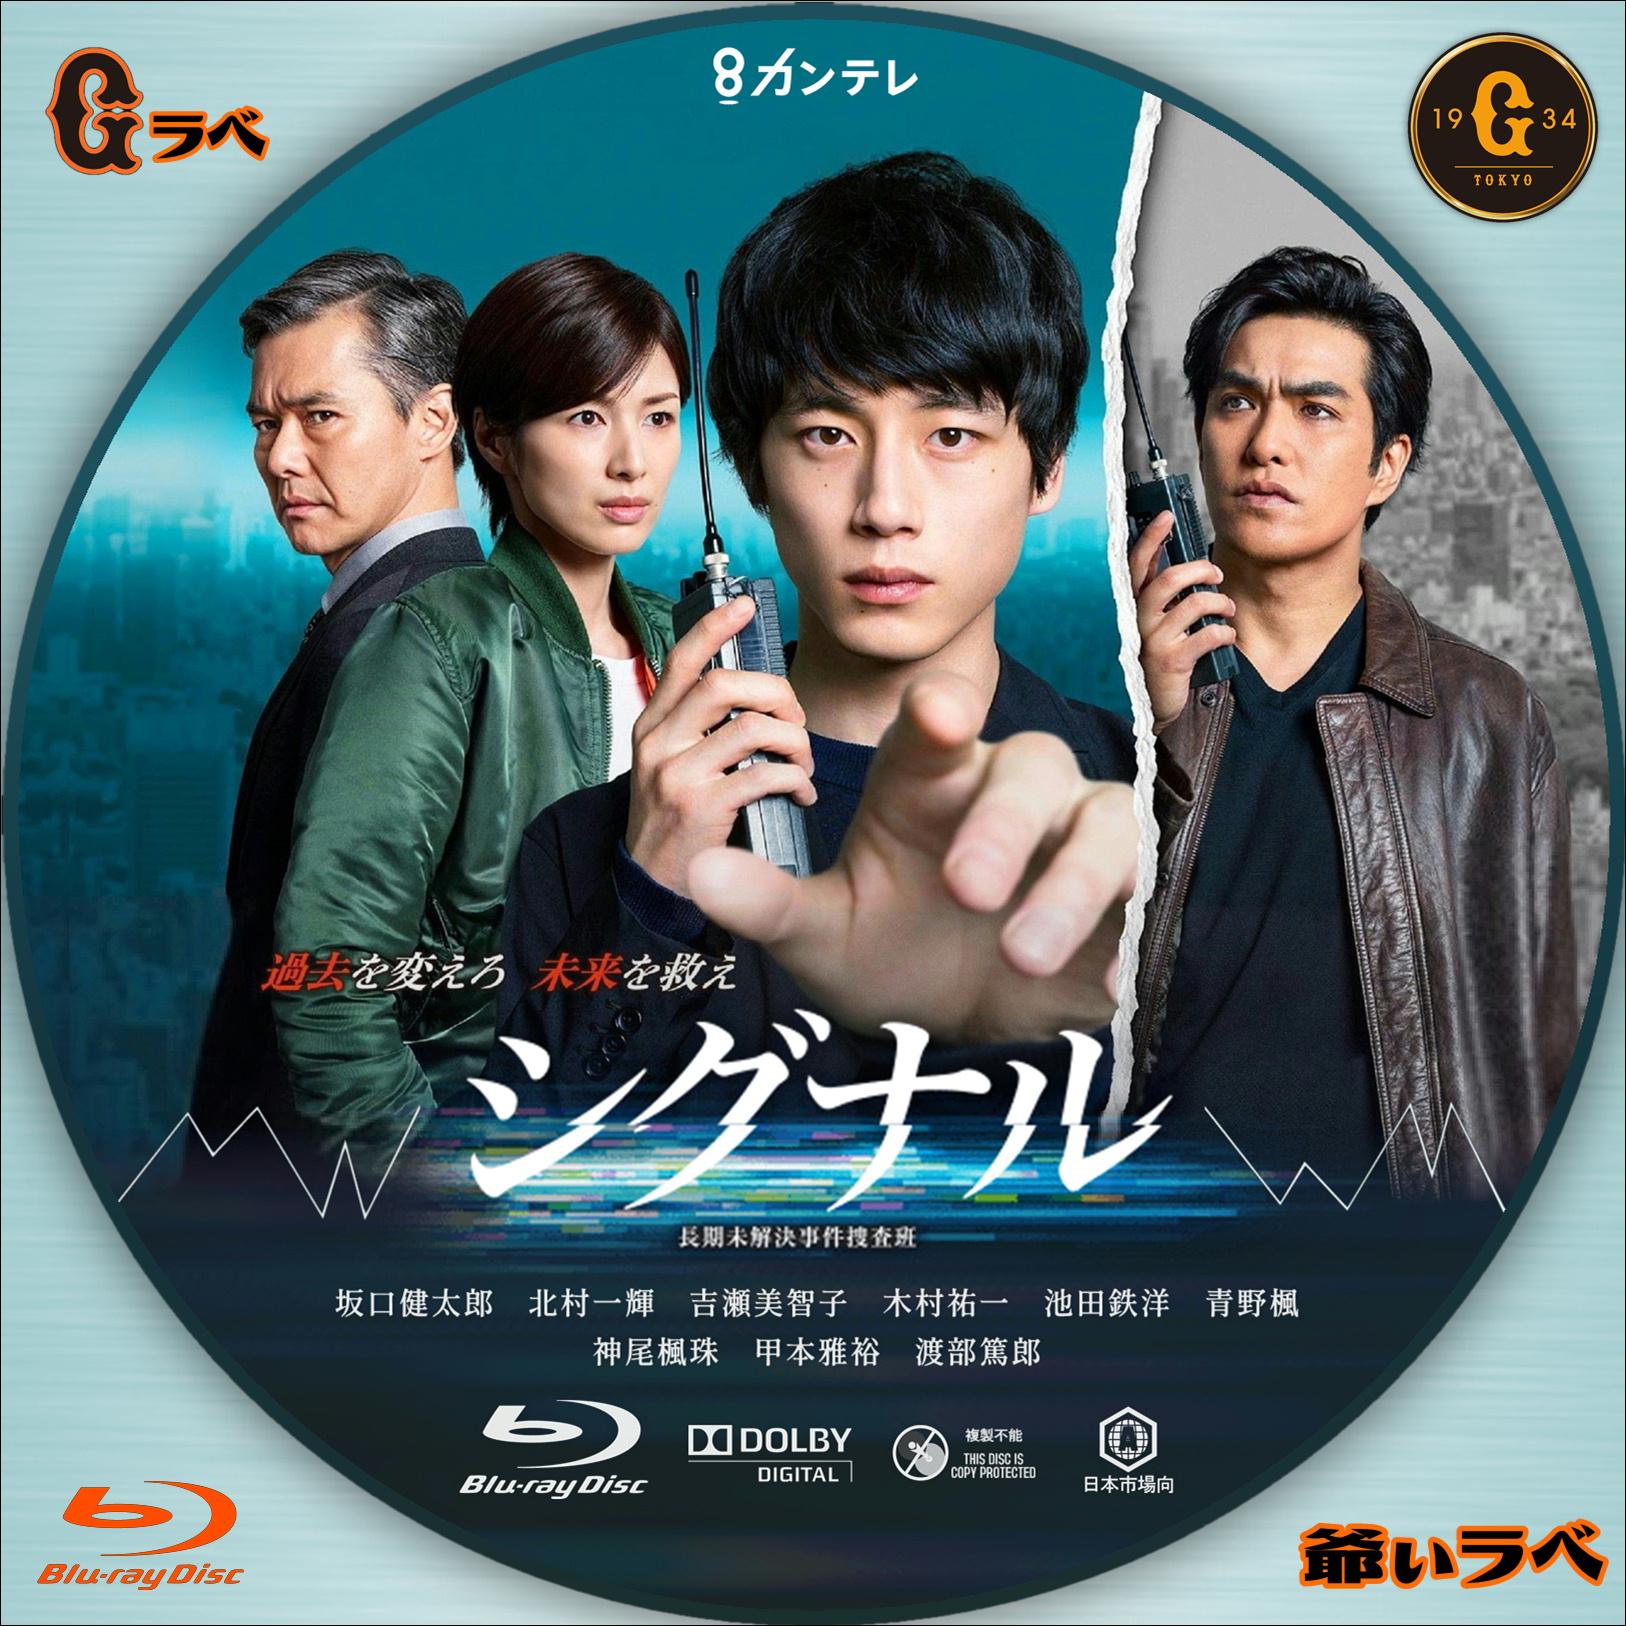 シグナル 長期未解決事件捜査班(Blu-ray)